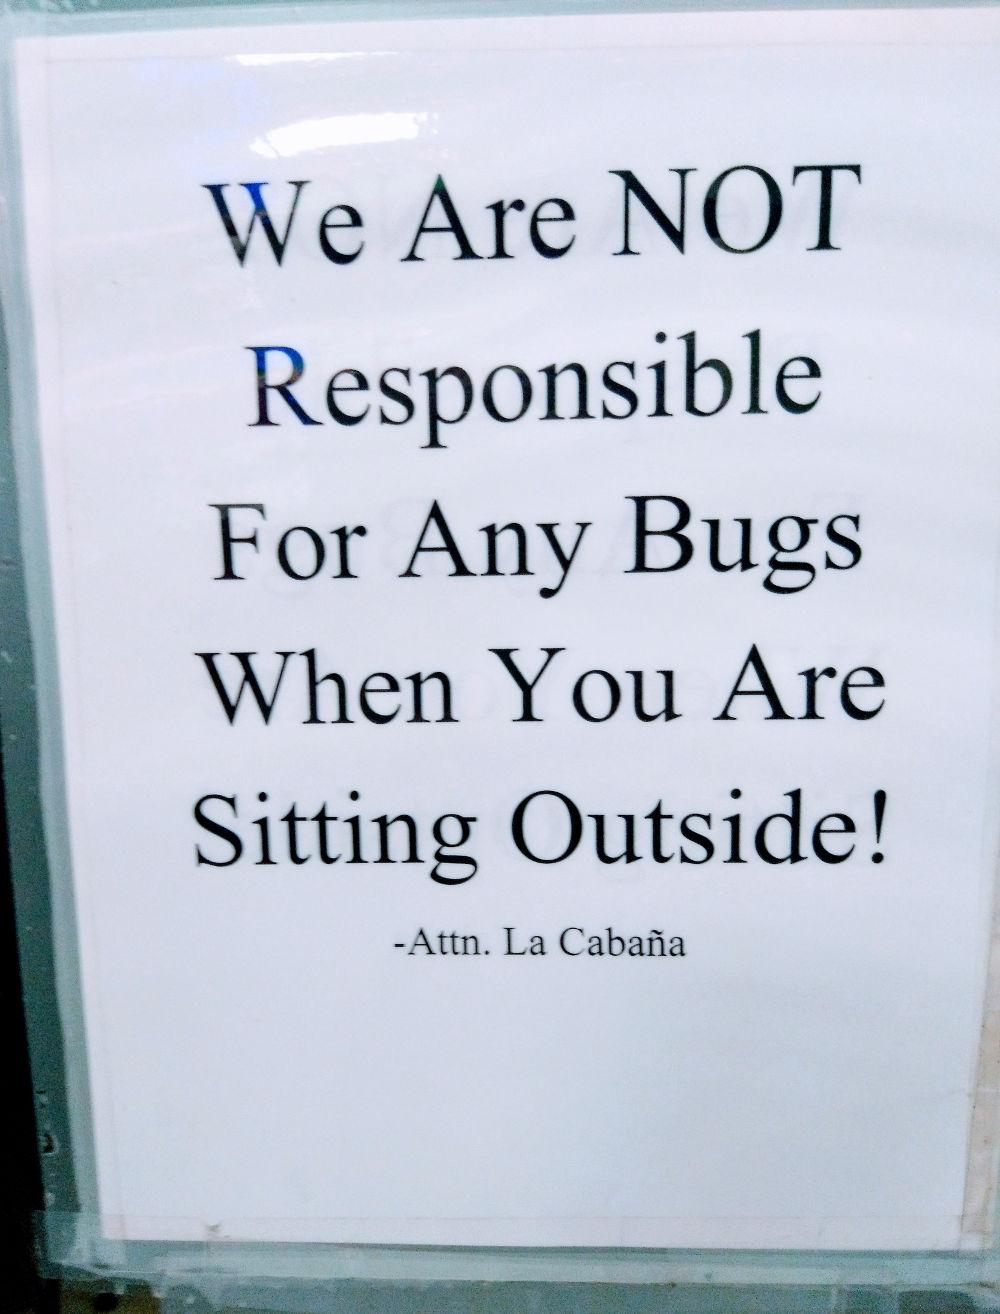 bugs outside image